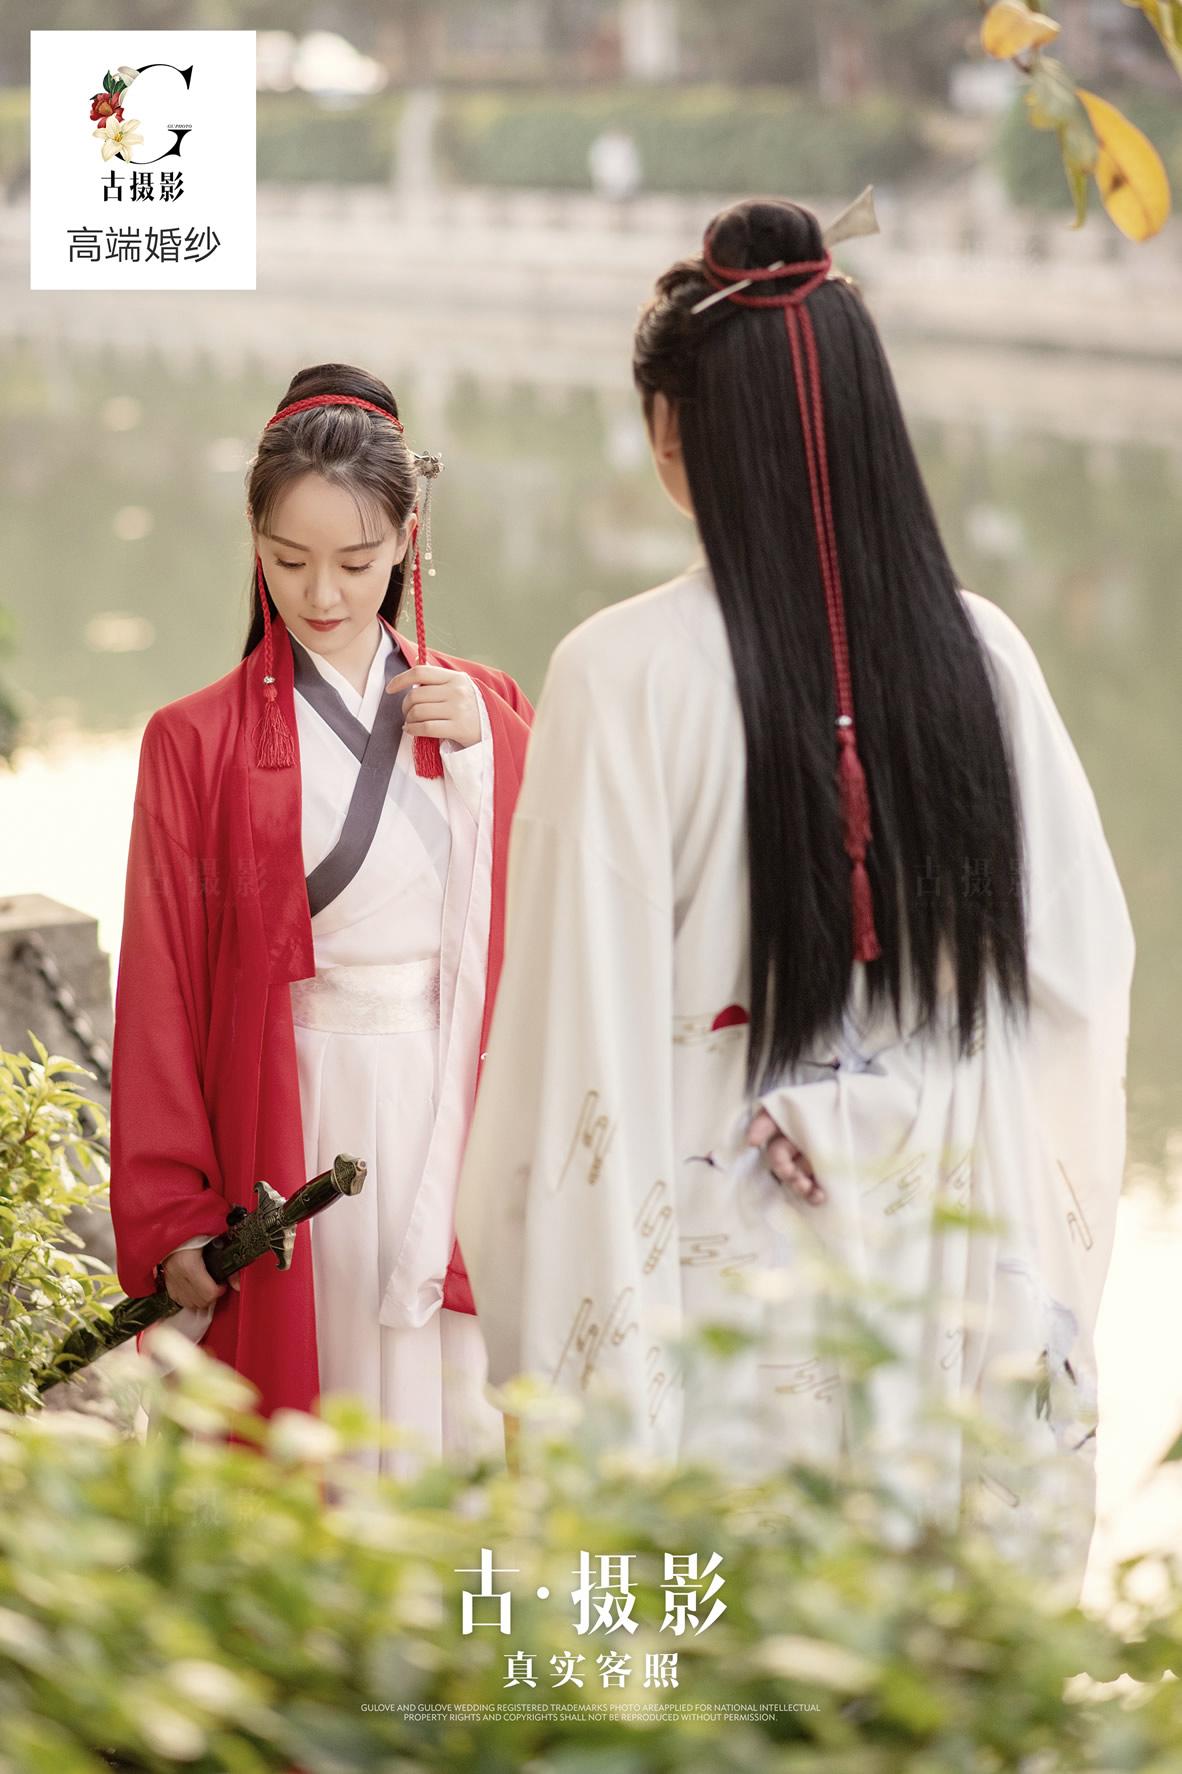 3月6日客片吴先生 伍小姐 - 每日客照 - 广州婚纱摄影-广州古摄影官网